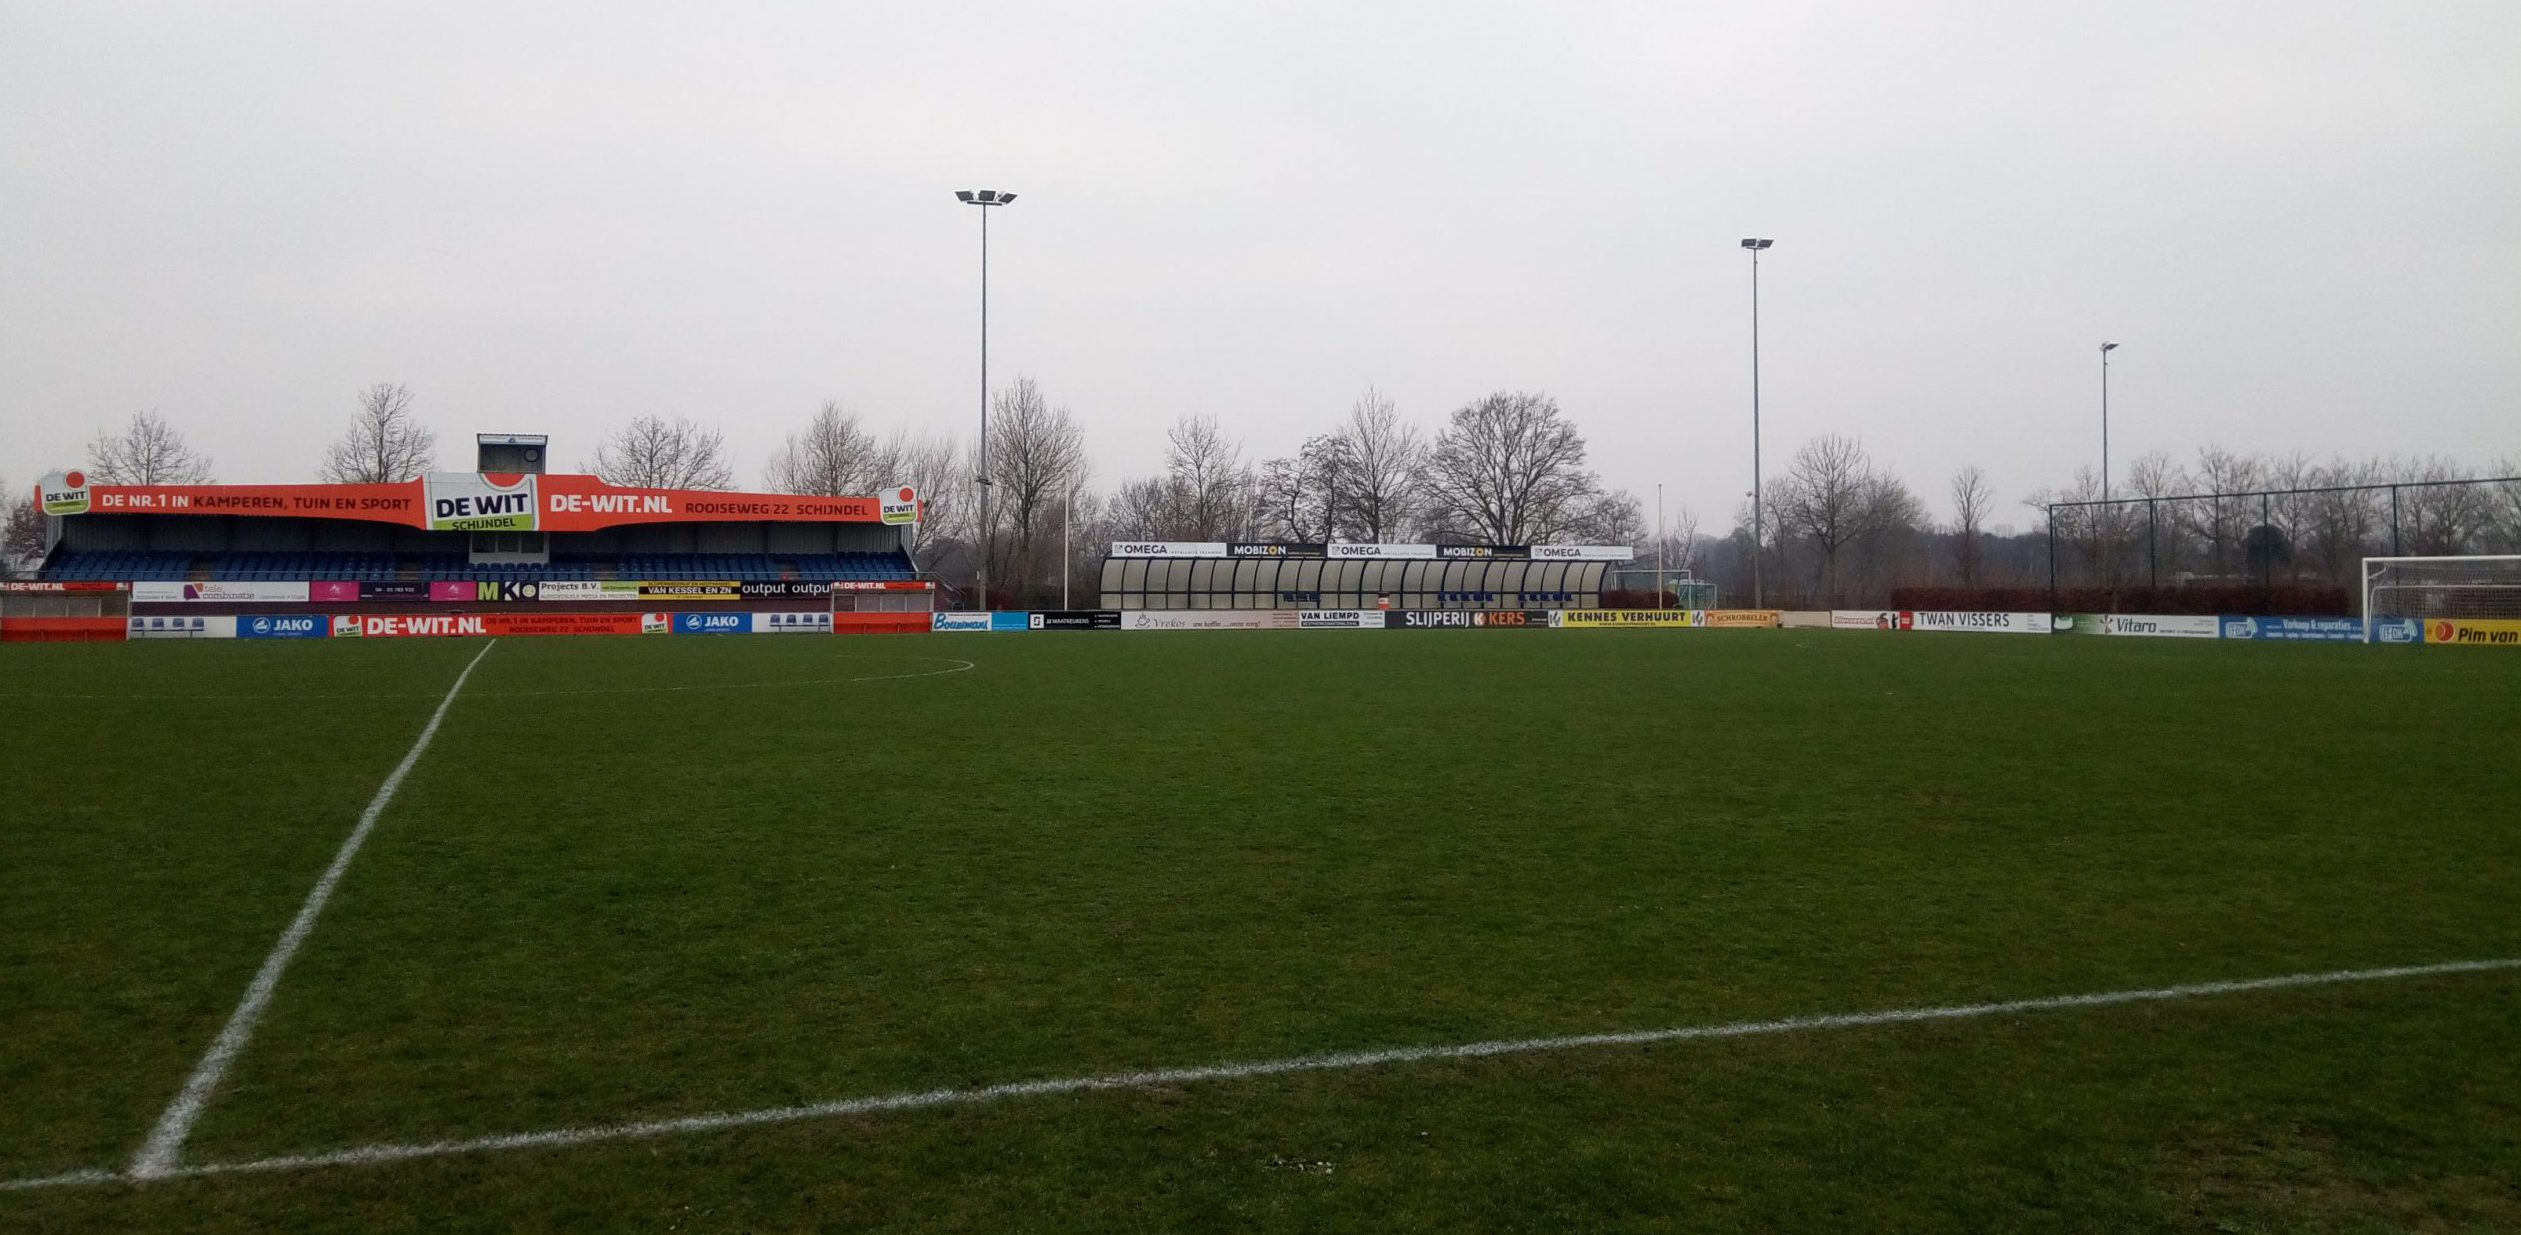 Voetbalveld RKSV Schijndel